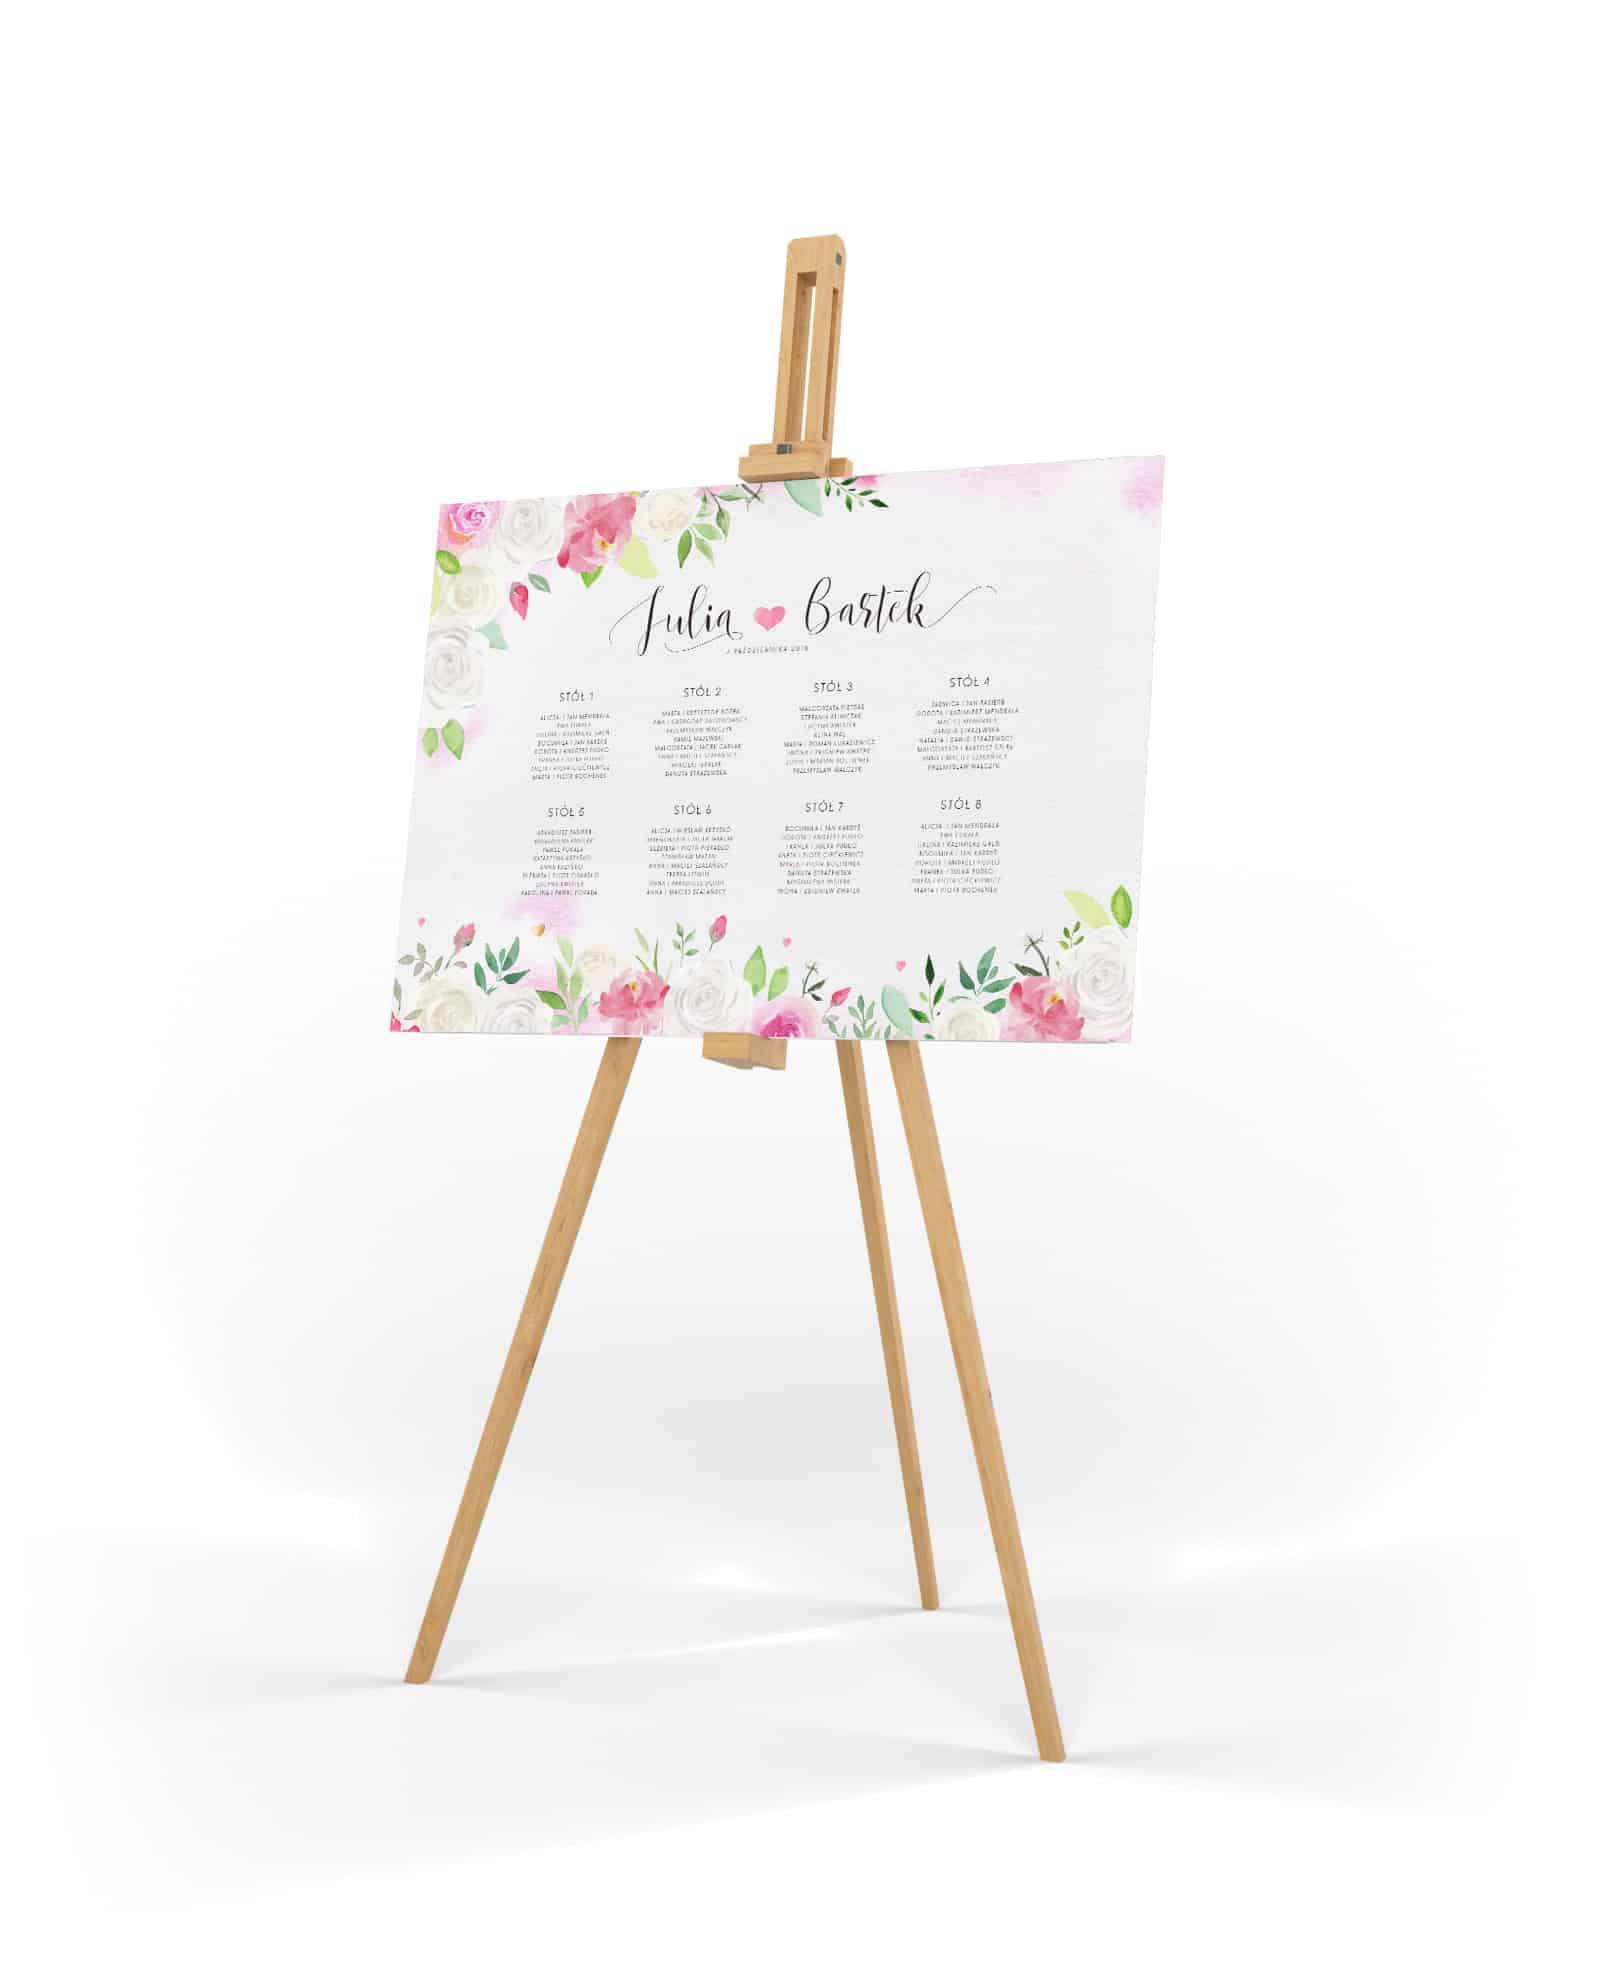 Plan usadzenia gości z bukietem białych i różowych kwiatów